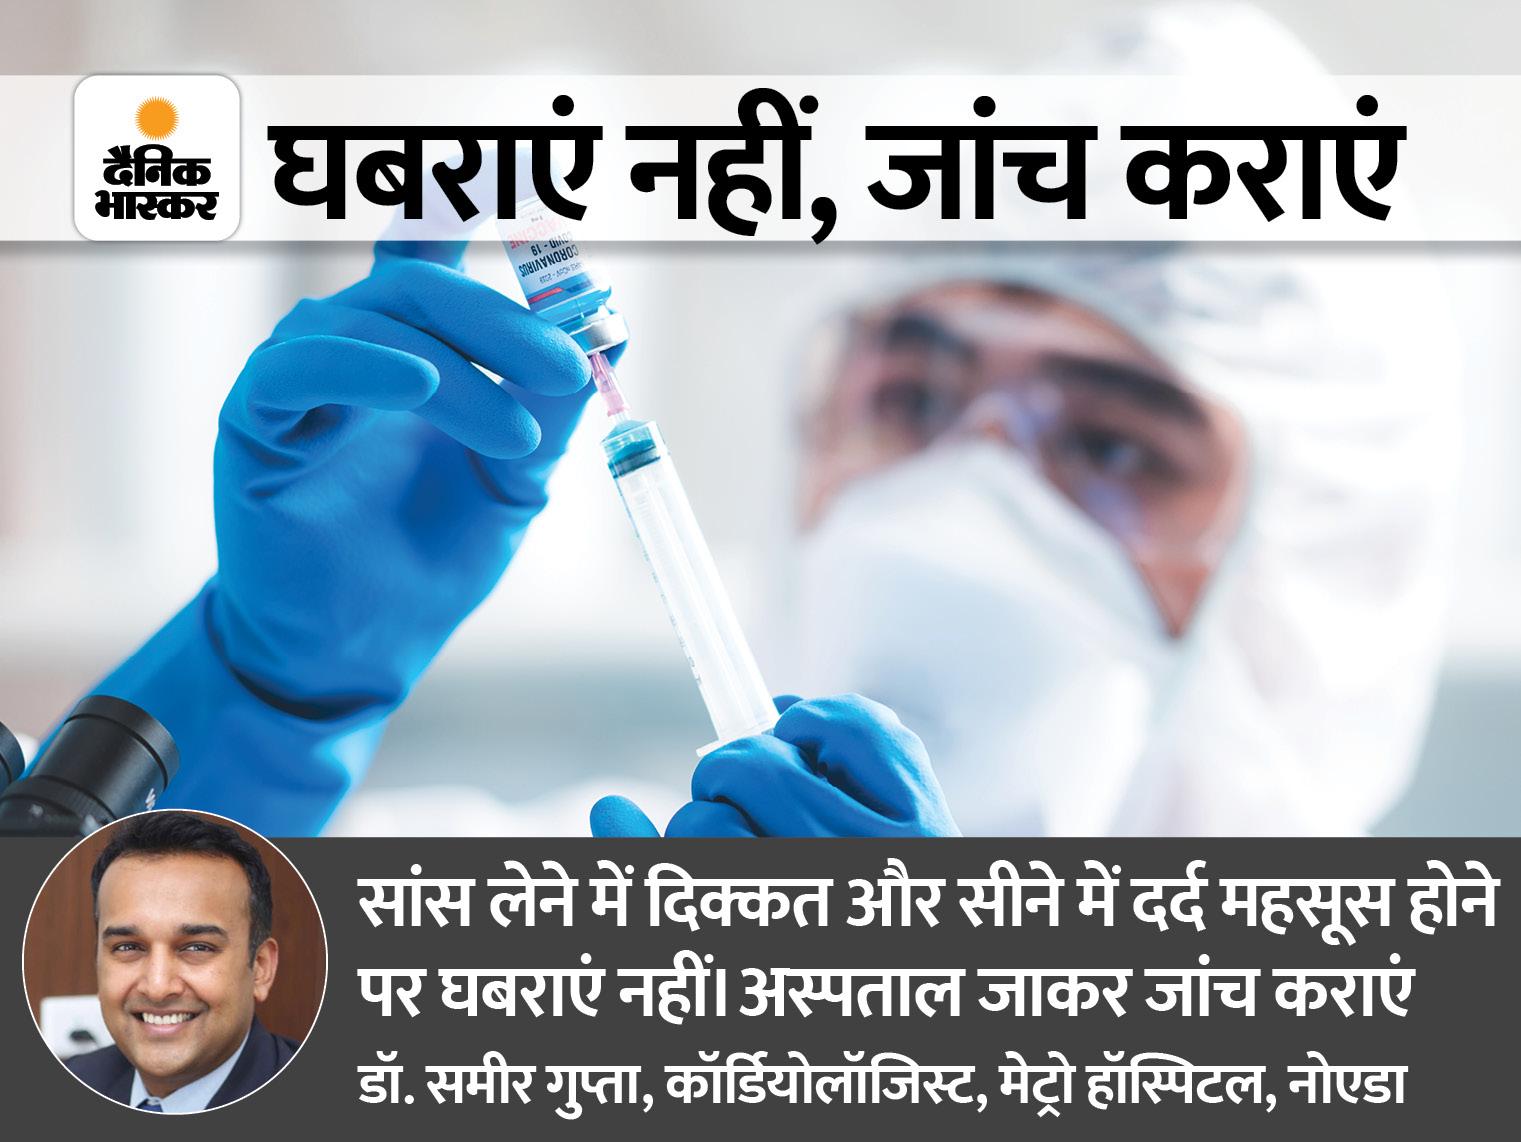 वैक्सीनेशन के बाद मायोकार्डिटिस की चपेट में आ रहे बच्चे, जानें भारत में इस बीमारी से बचने की क्या हैं तैयारियां?|हेल्थ एंड फिटनेस,Health & Fitness - Dainik Bhaskar